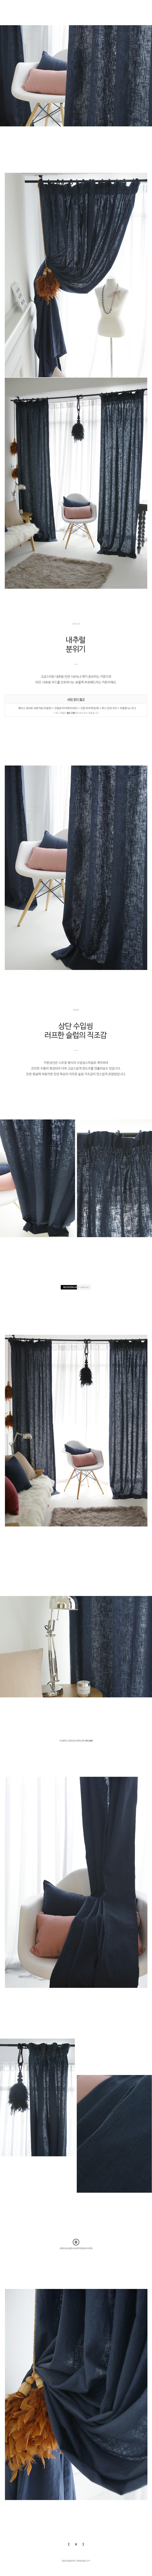 루시 린넨 수입씽커튼-5color - 바이지미, 103,000원, 일반커튼, 무지/솔리드